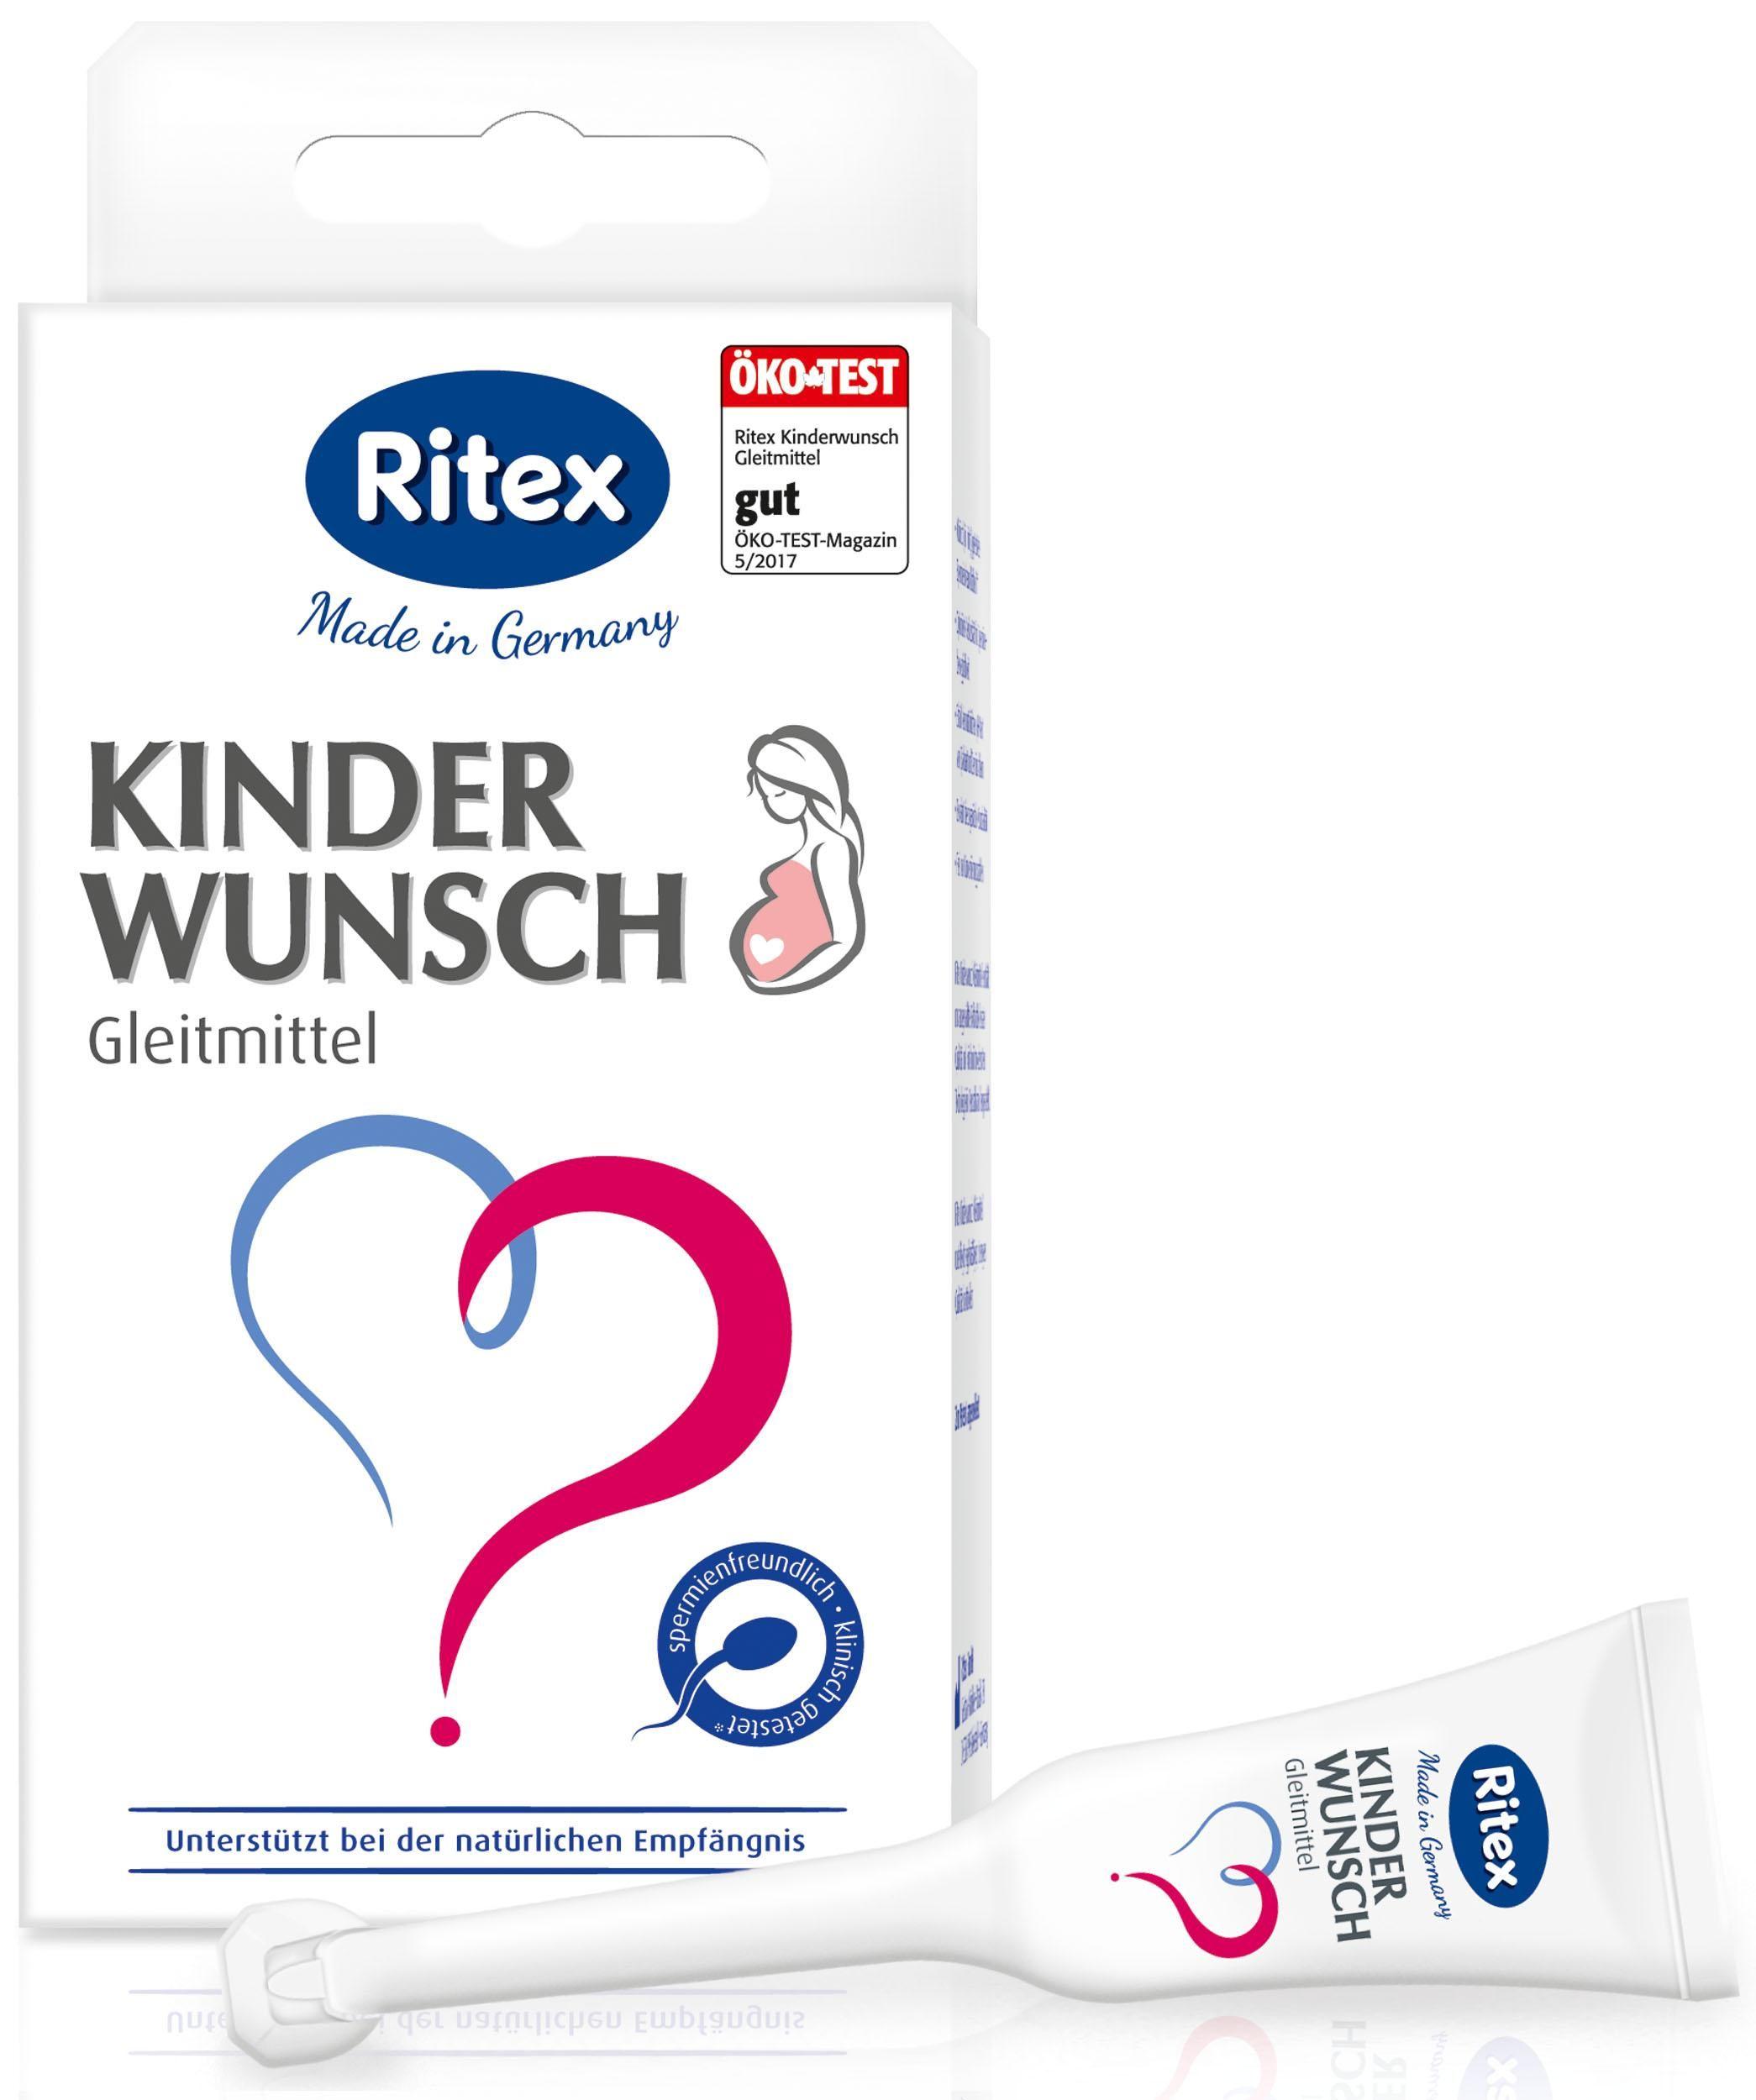 Gel bôi trơn hỗ trợ sinh sản nữ Ritex KinderWunsch Gleitmittel